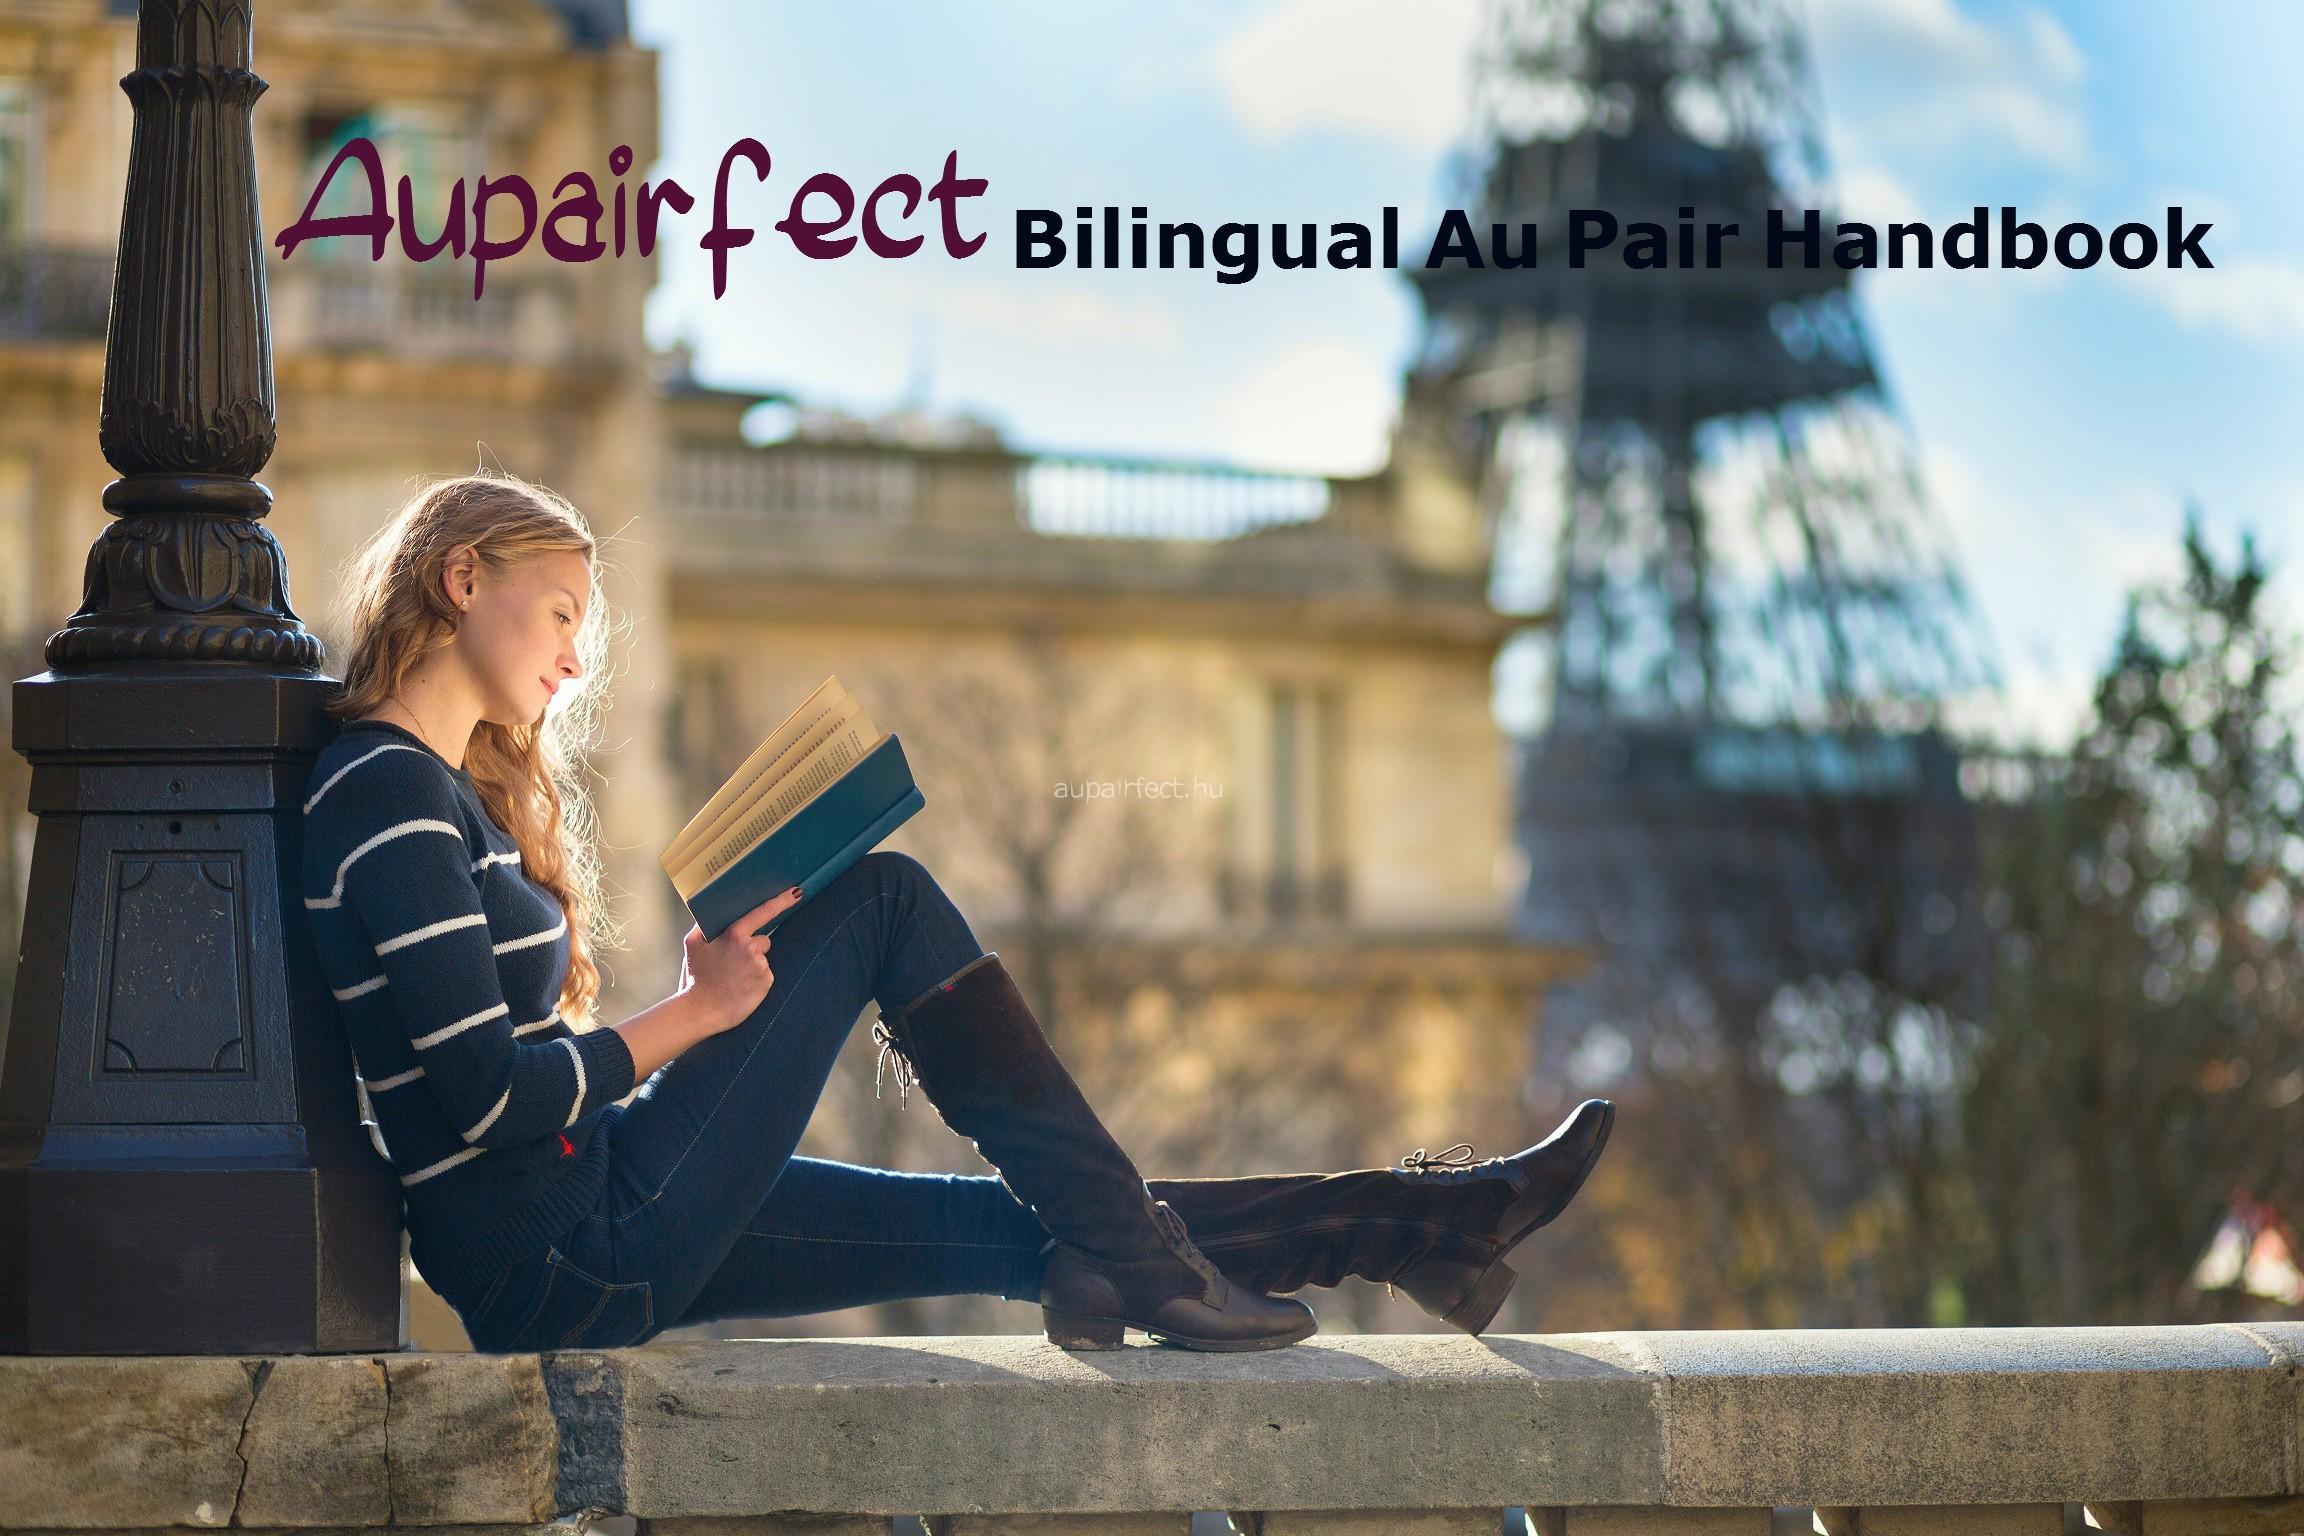 Au pair kézikönyv